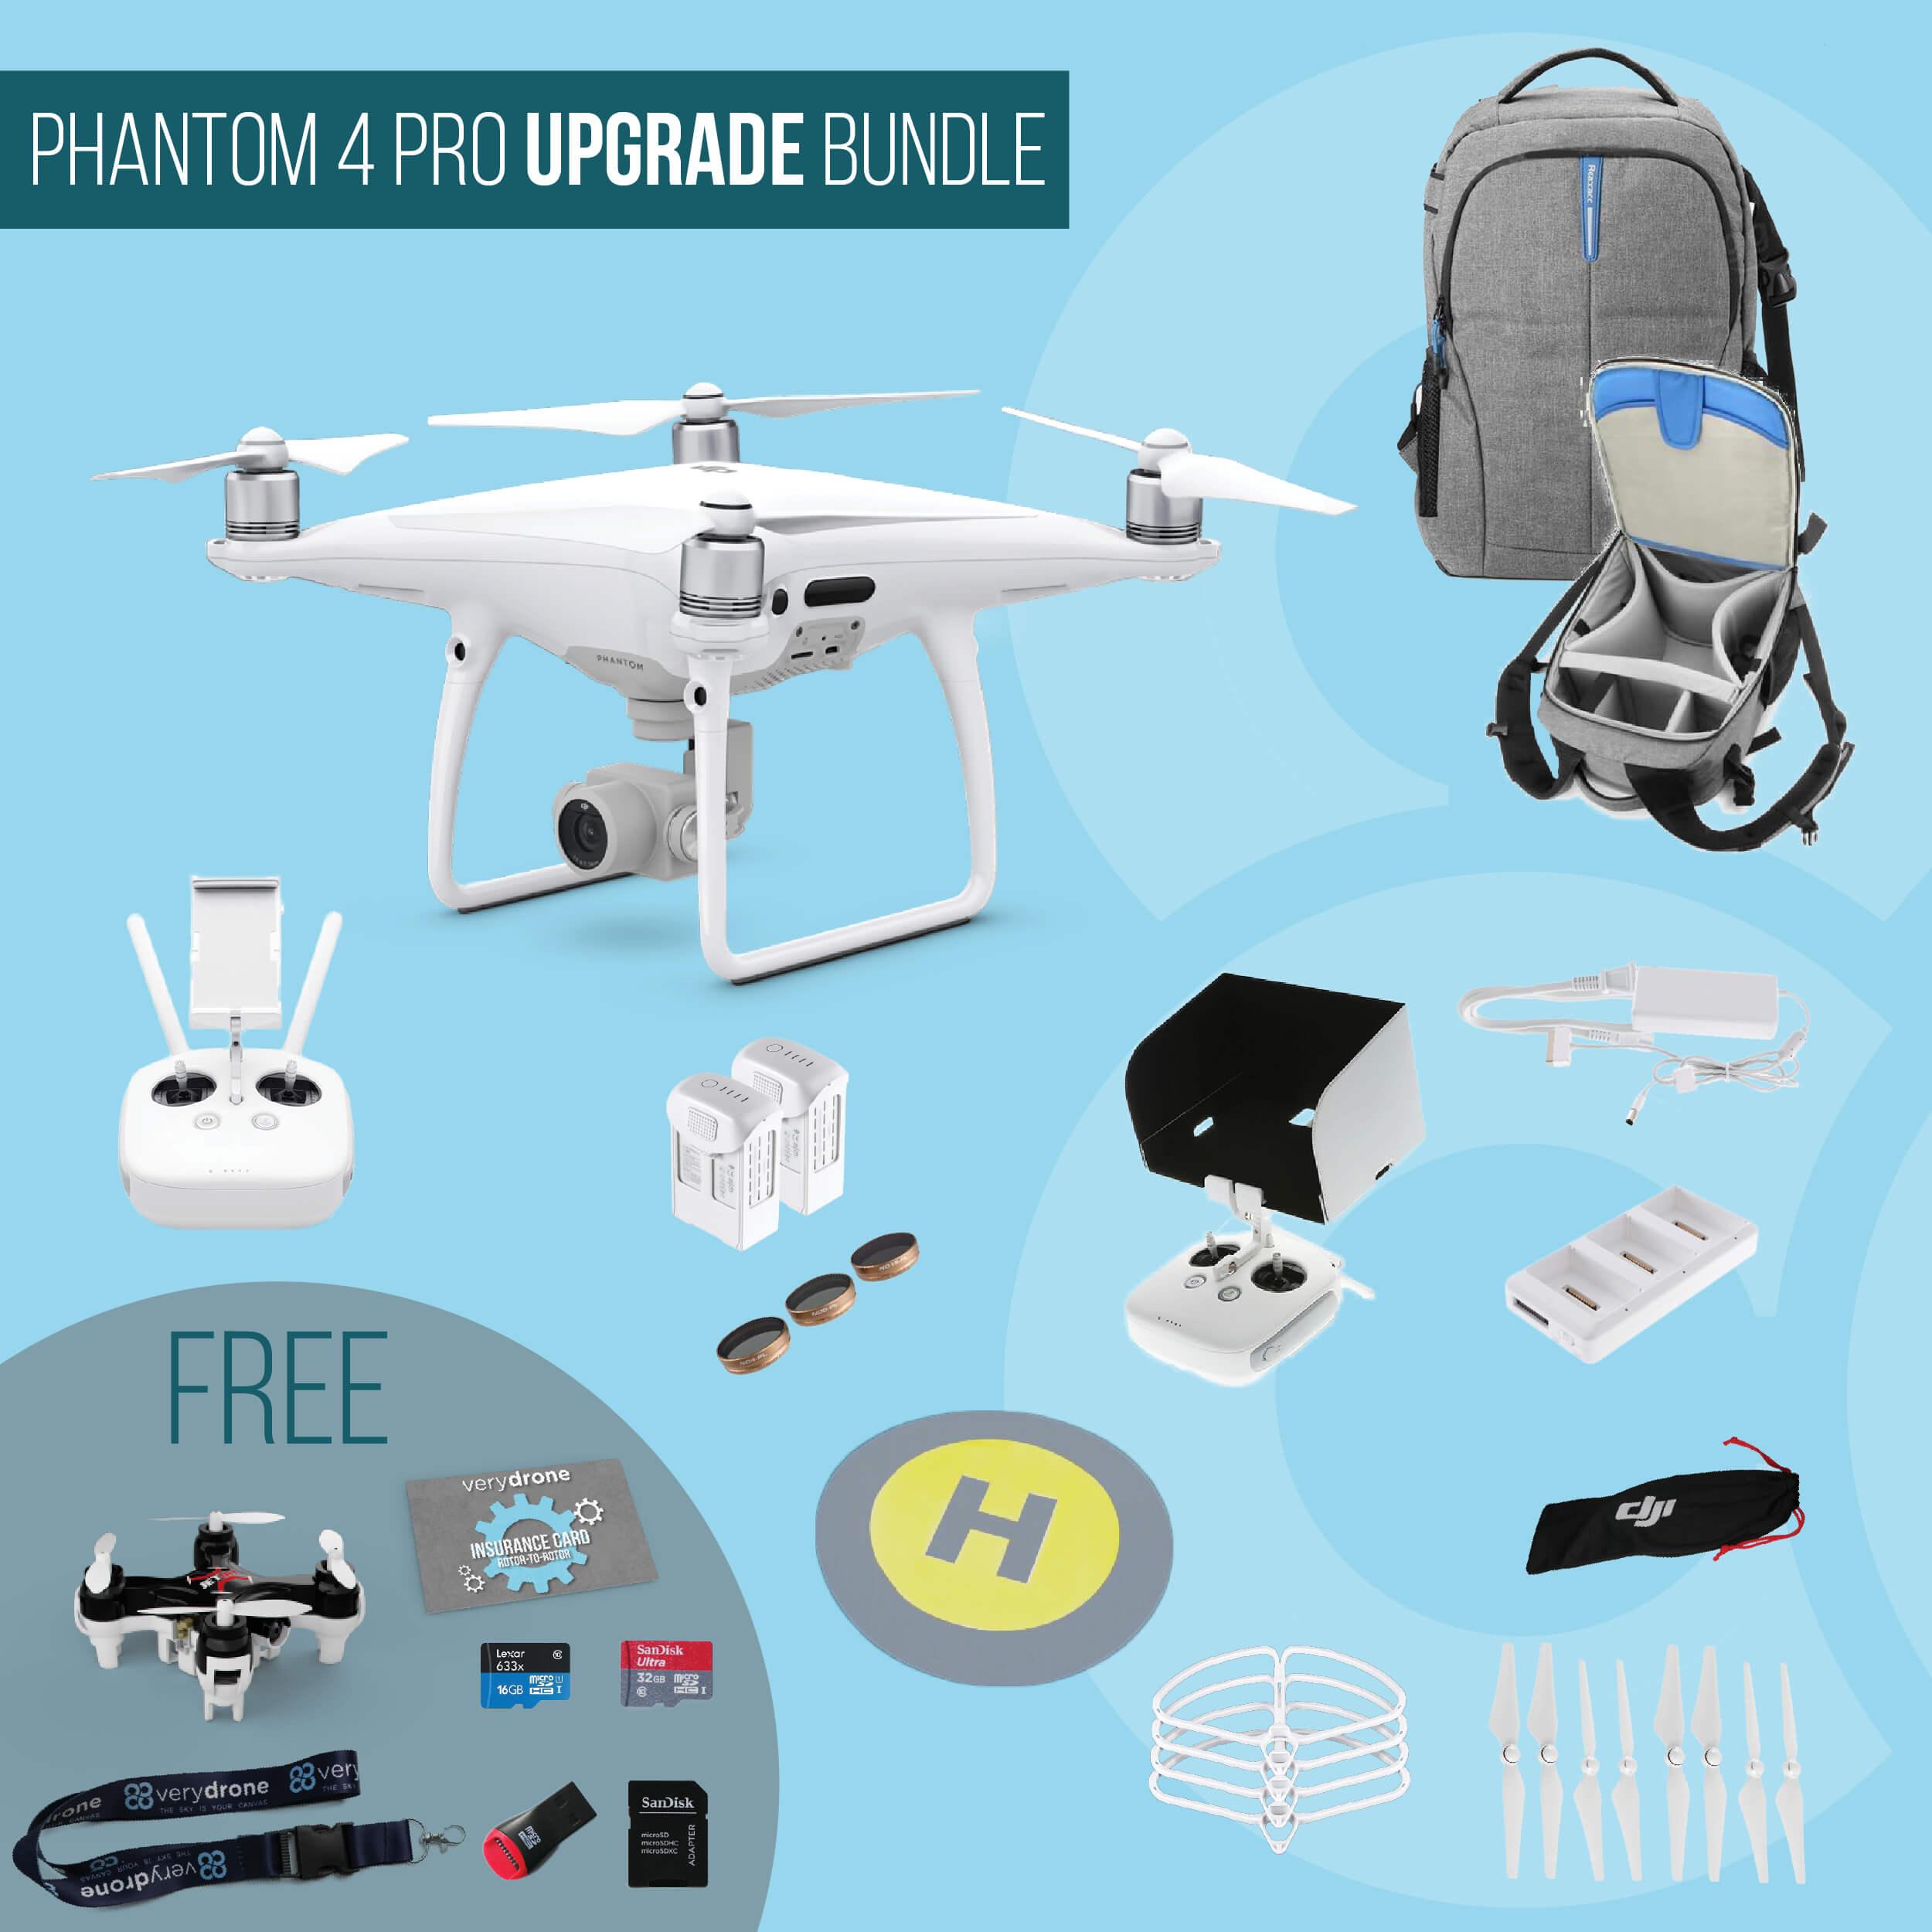 DJI Phantom 4 Pro - Upgrade Bundle